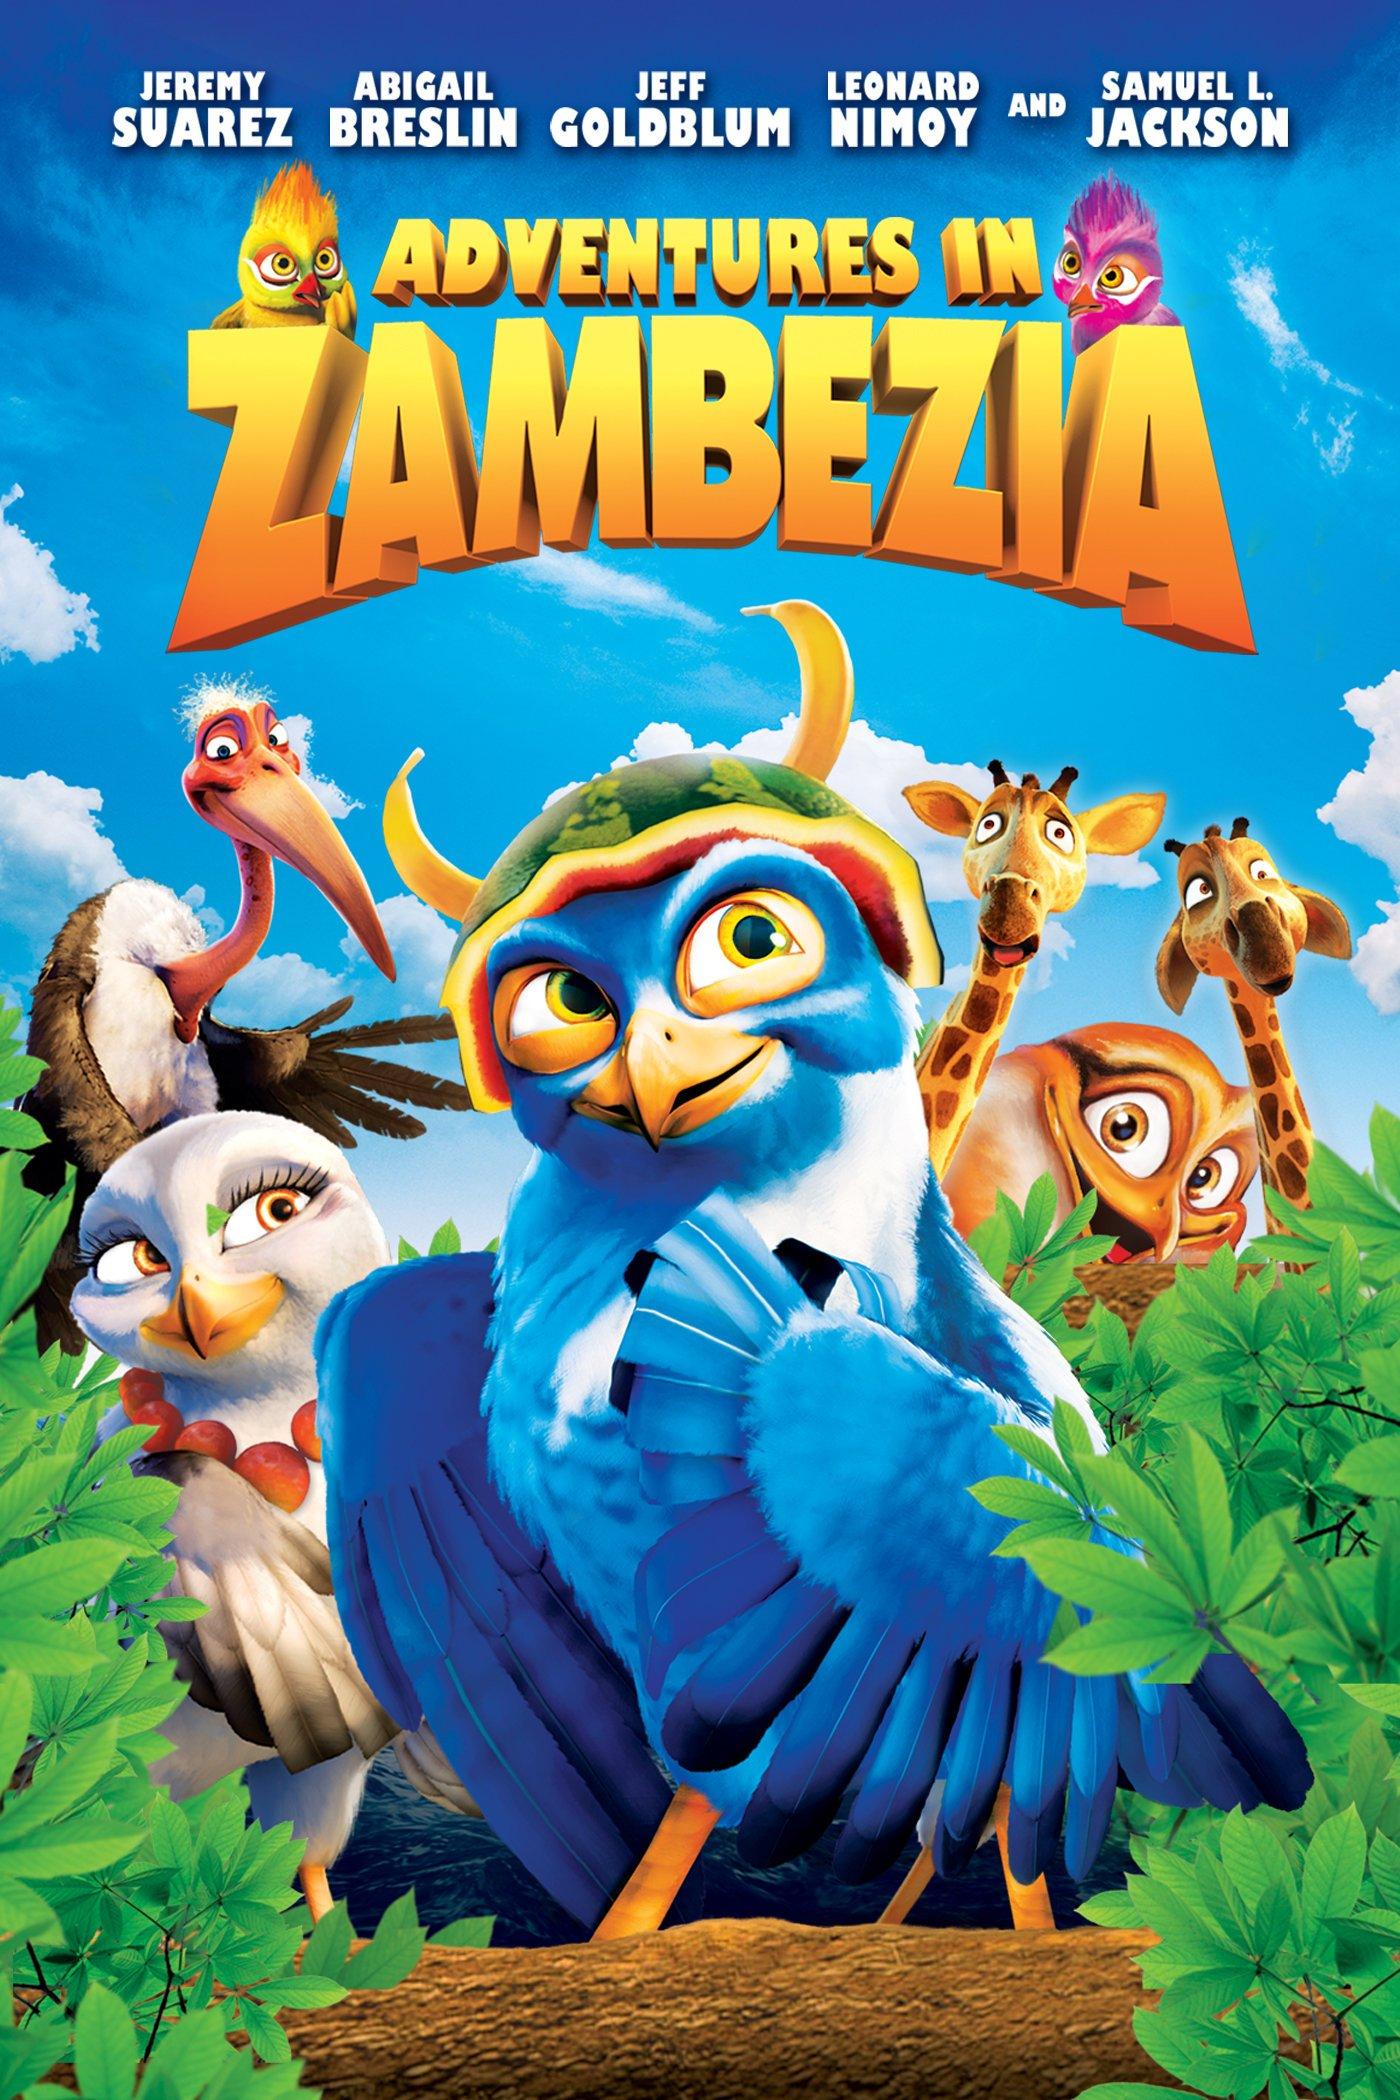 New zambezia movie mon premier blog.